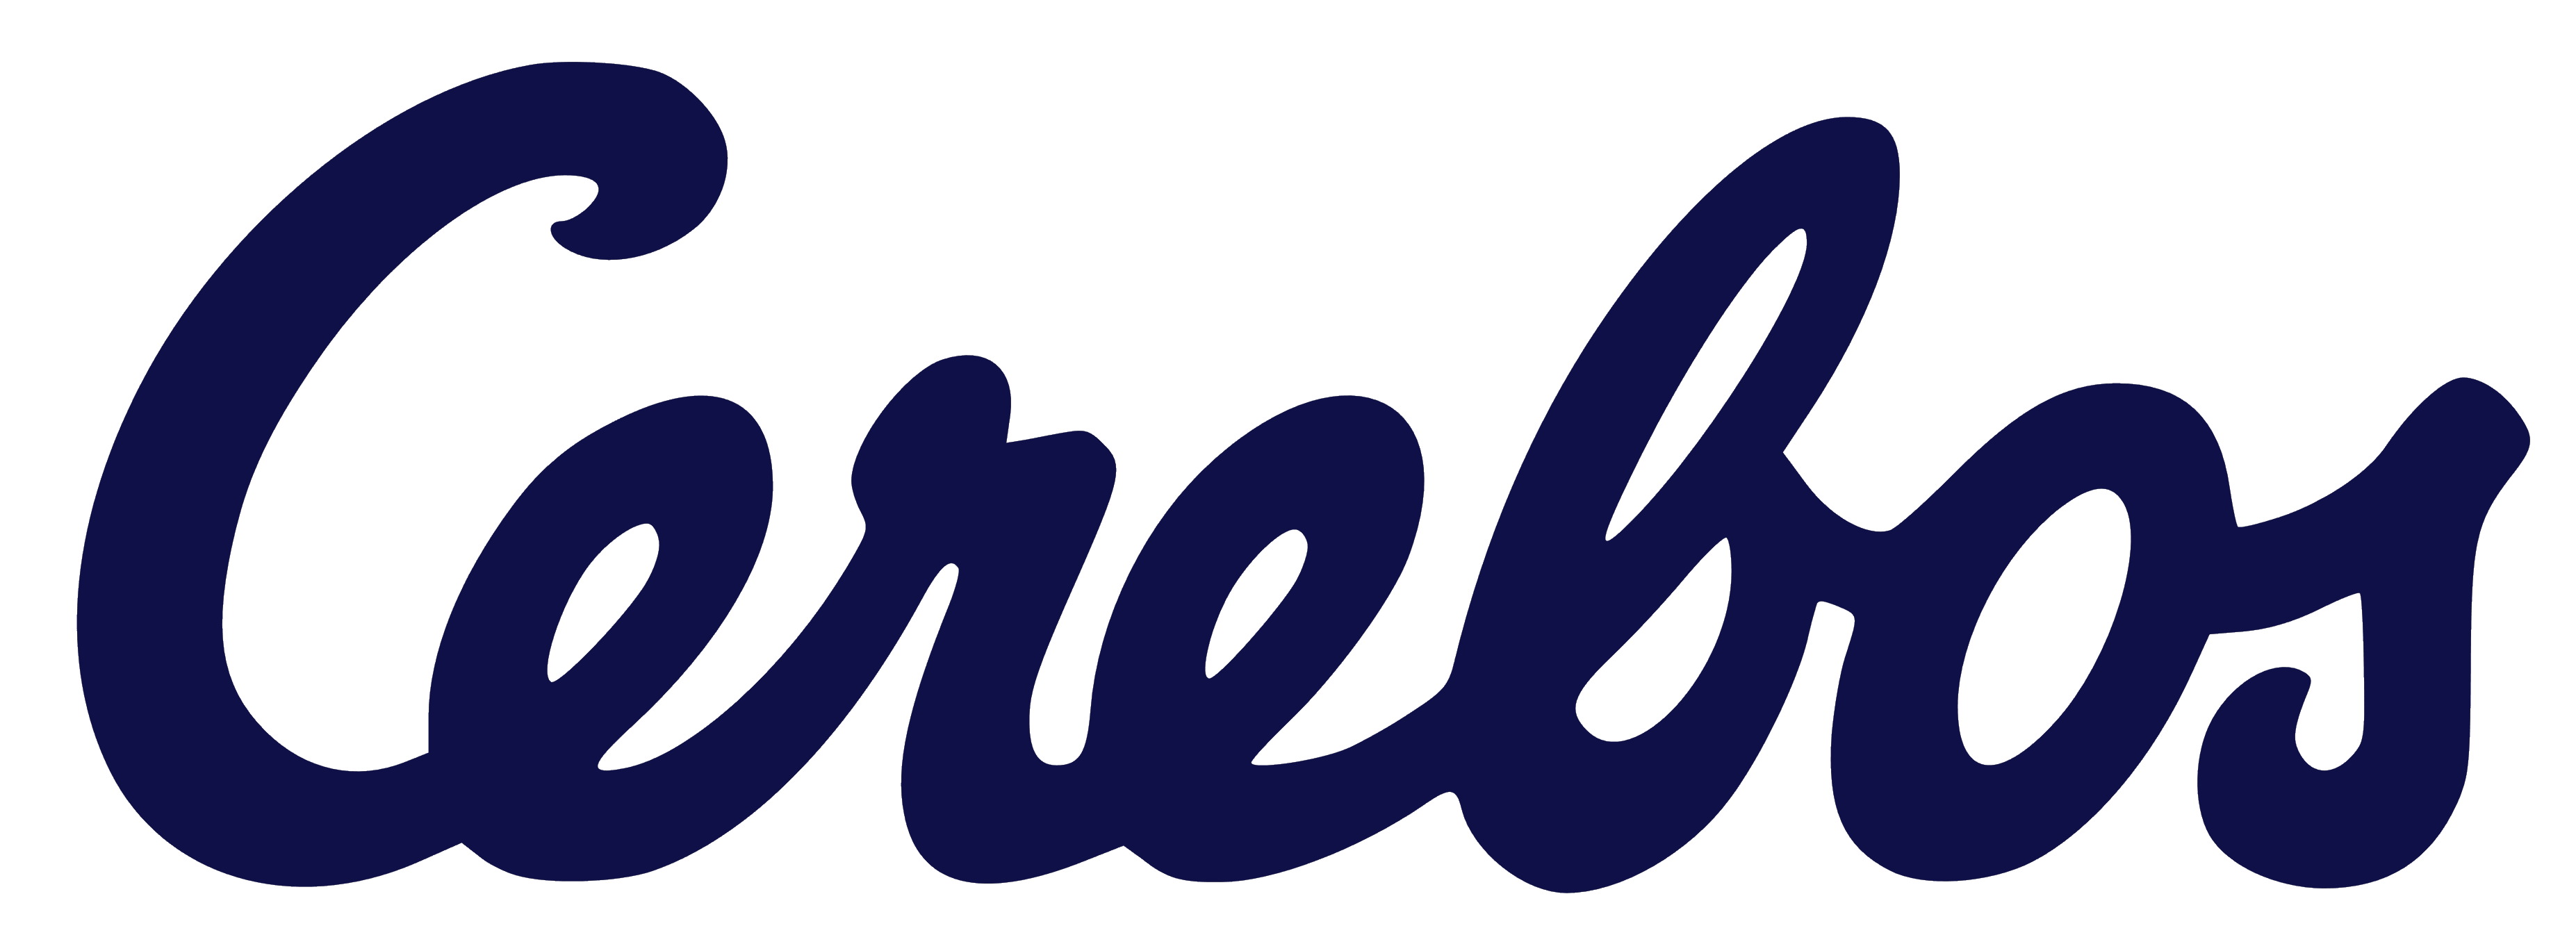 ผลการค้นหารูปภาพสำหรับ cerebos logo